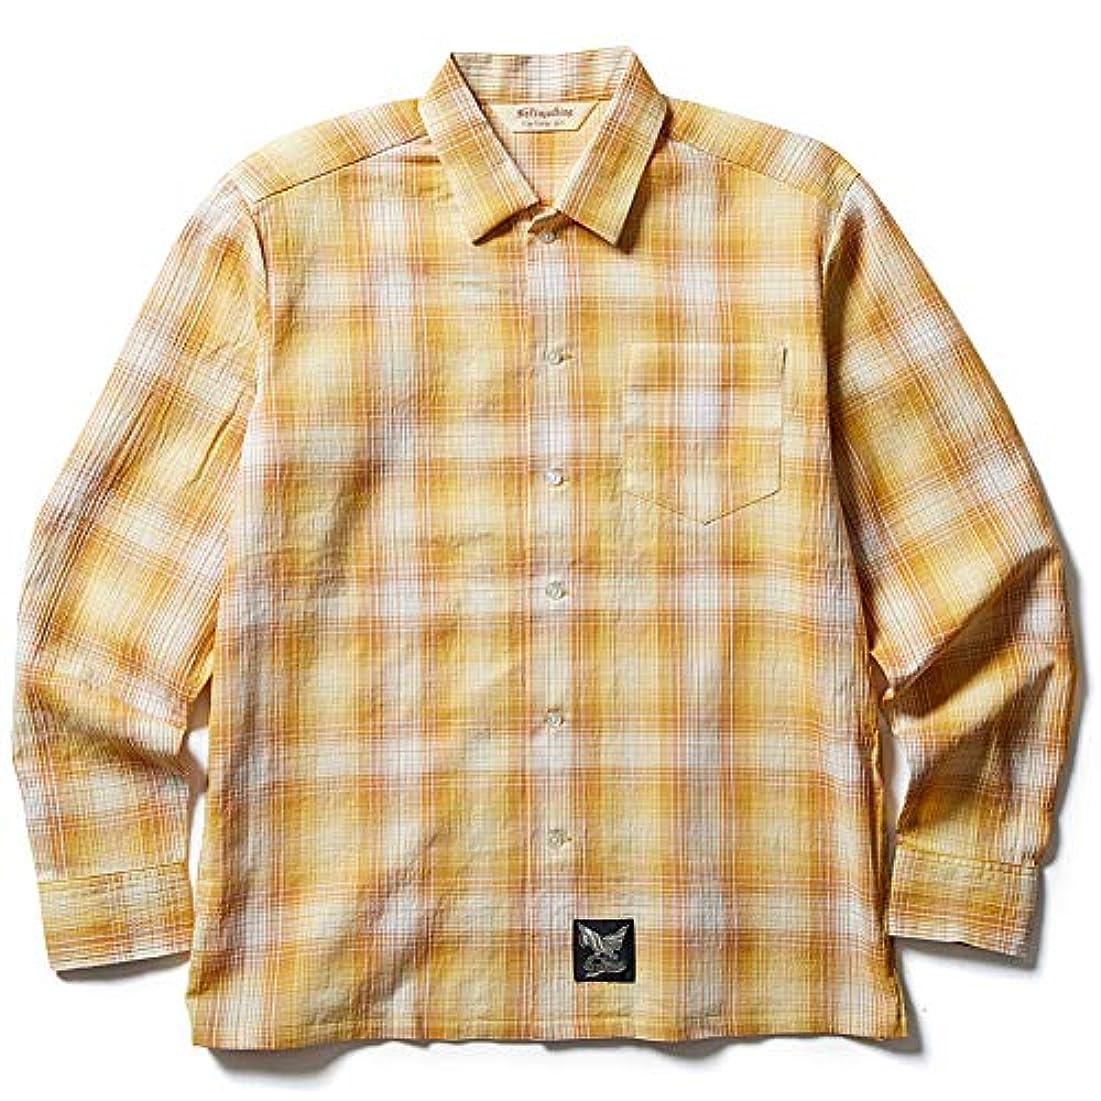 流暢個人市の花Softmachine ソフトマシーン 【VANISH SHIRTS】 Yellow Lsize 長袖シャツ ソフトマシン